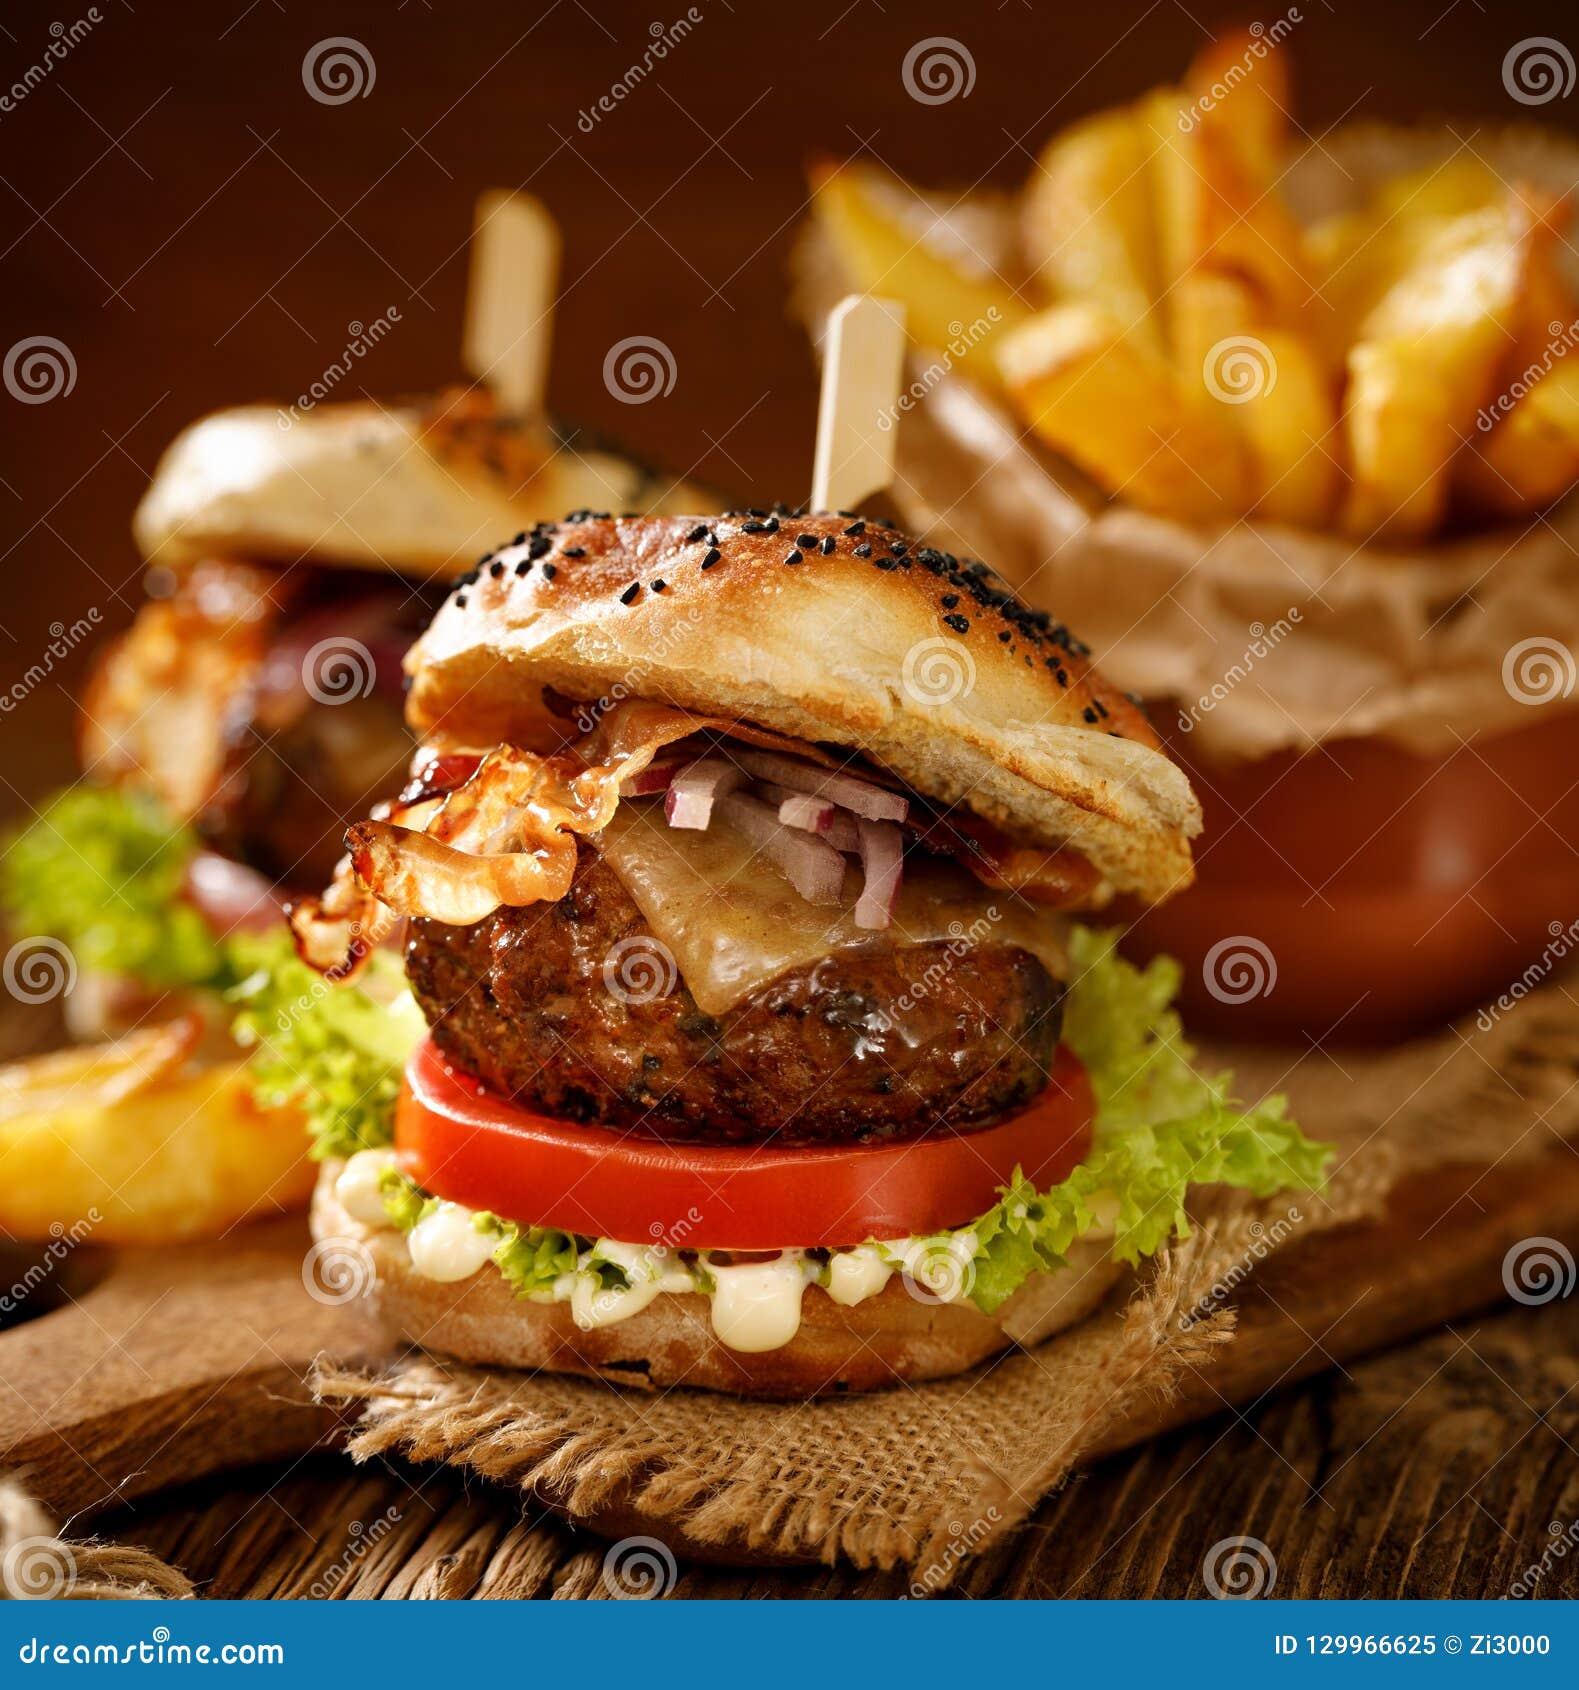 Σπιτικά burgers με το ψημένο στη σχάρα μπέϊκον, το κόκκινο κρεμμύδι, το φρέσκο μαρούλι, τα τουρσιά αγγουριών, την ντομάτα και την